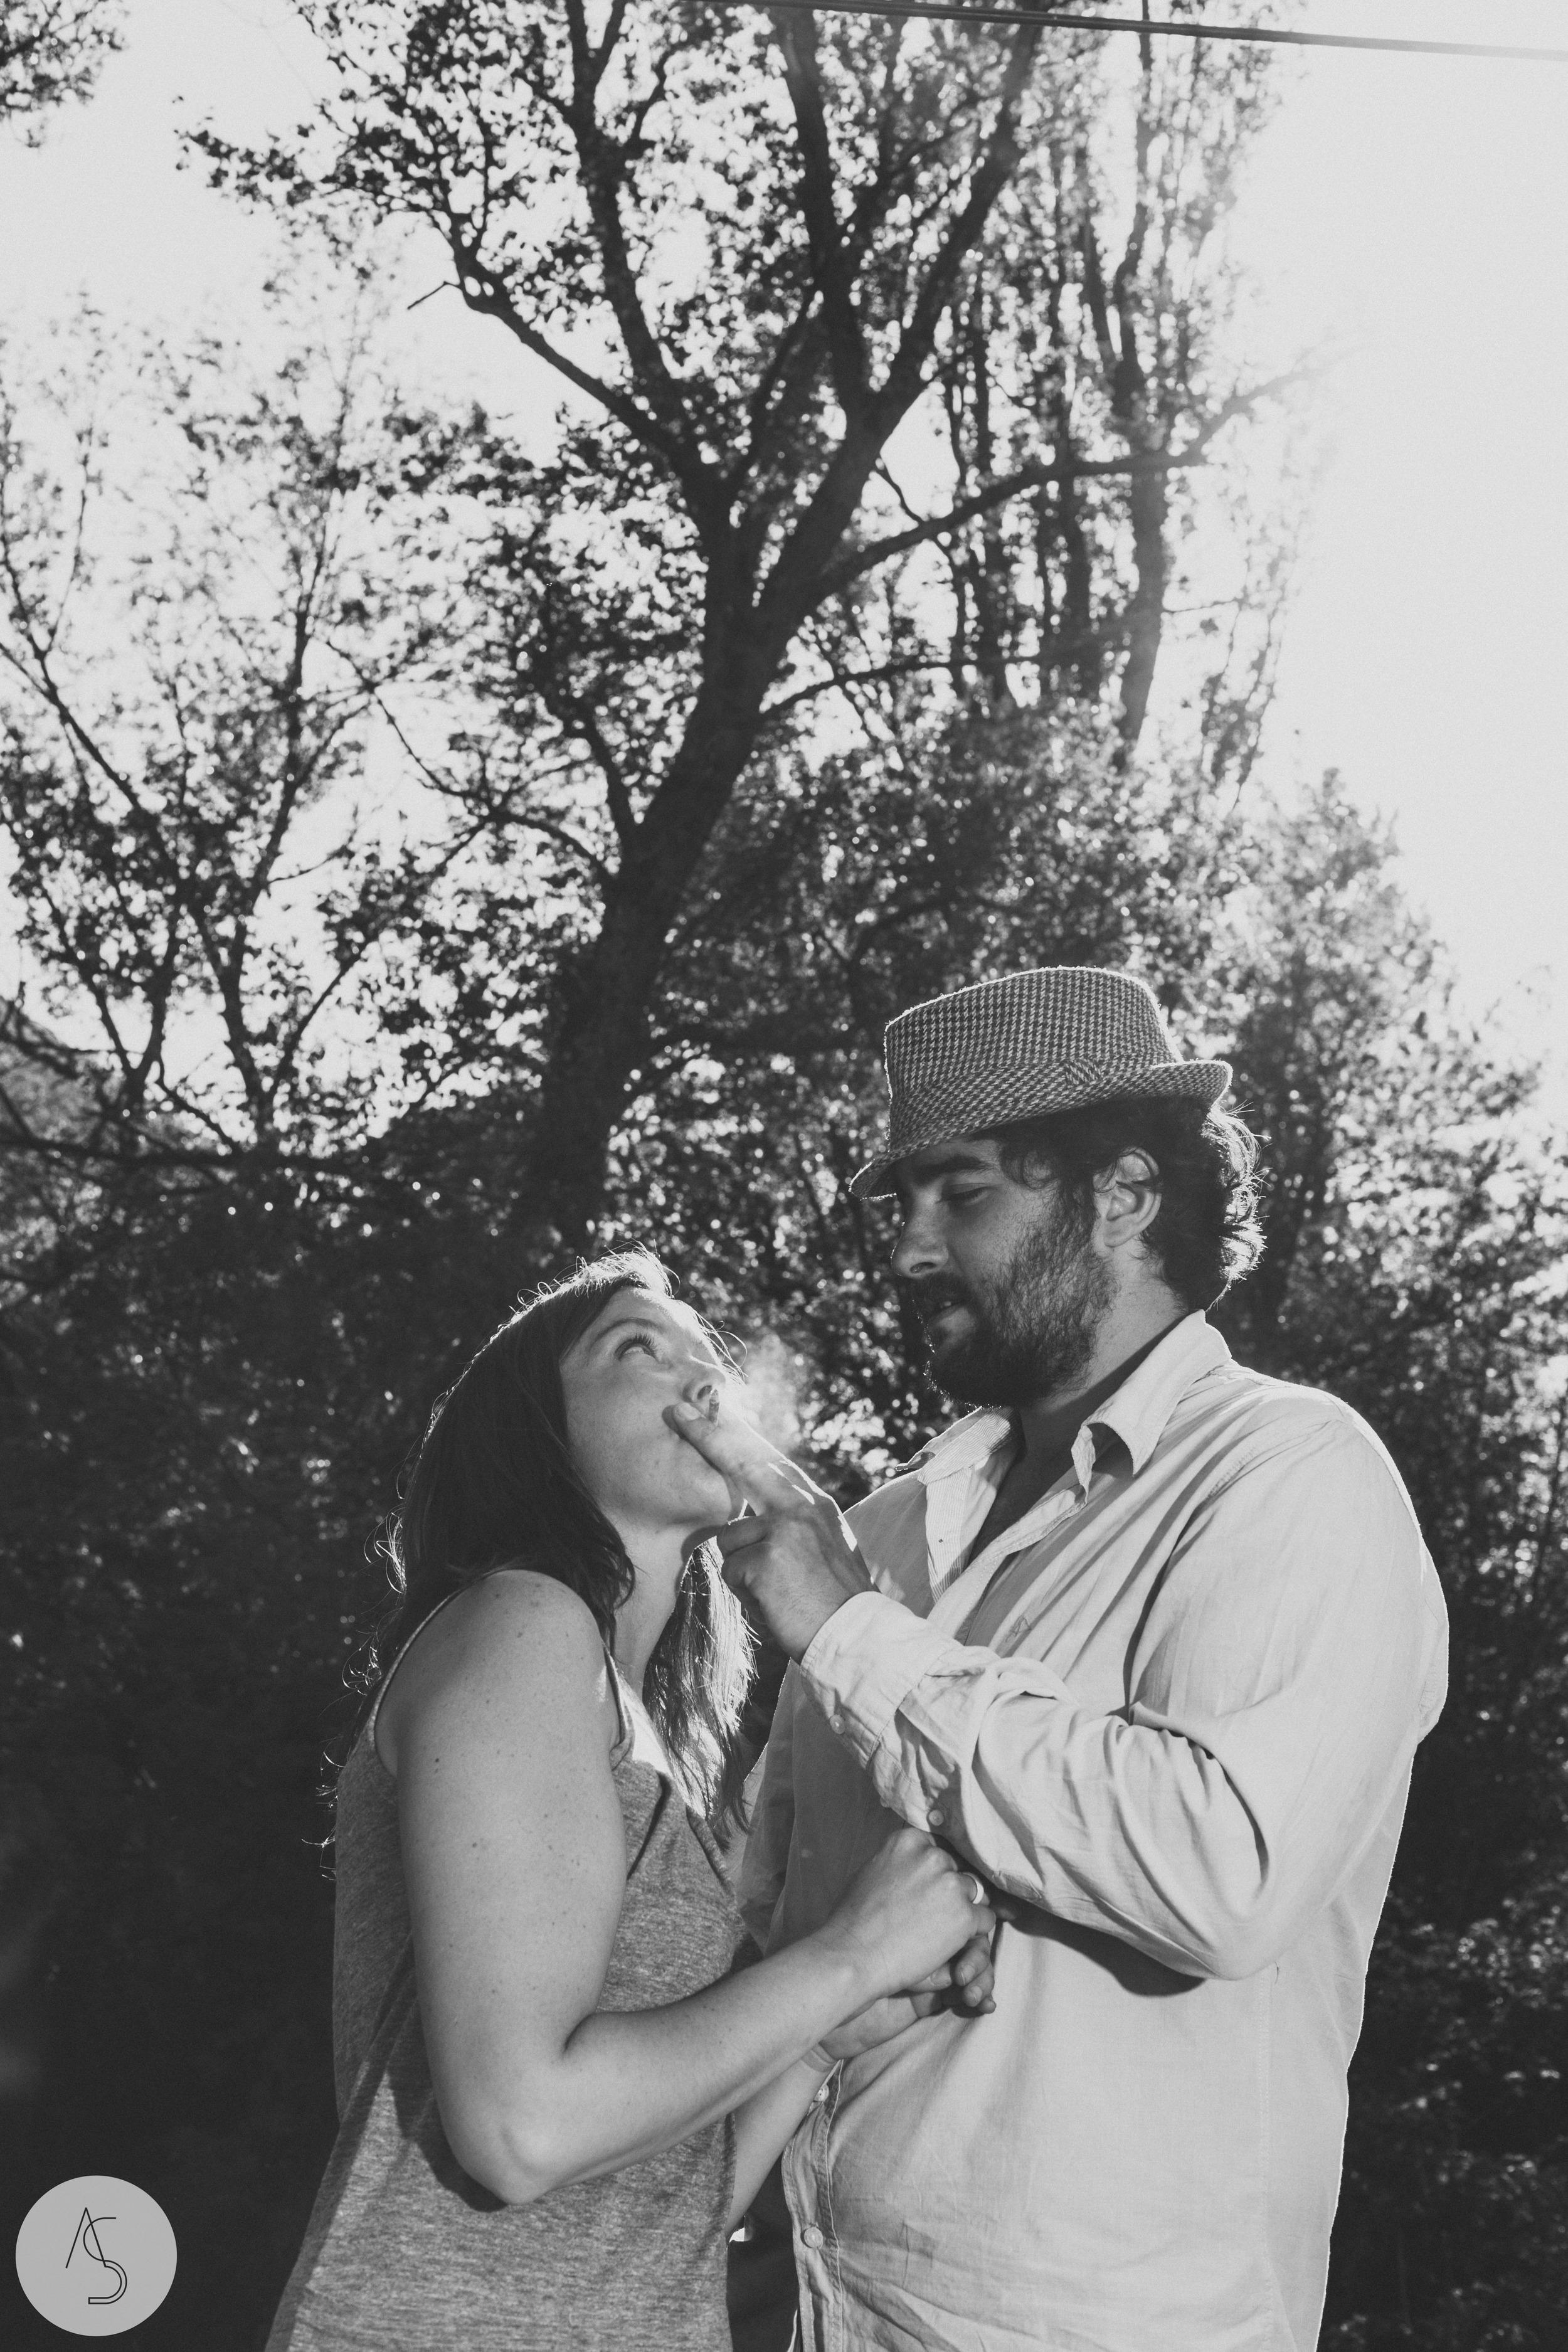 Séance engagement - La Drôme - Lifestyle_ Photographe couple24.jpg